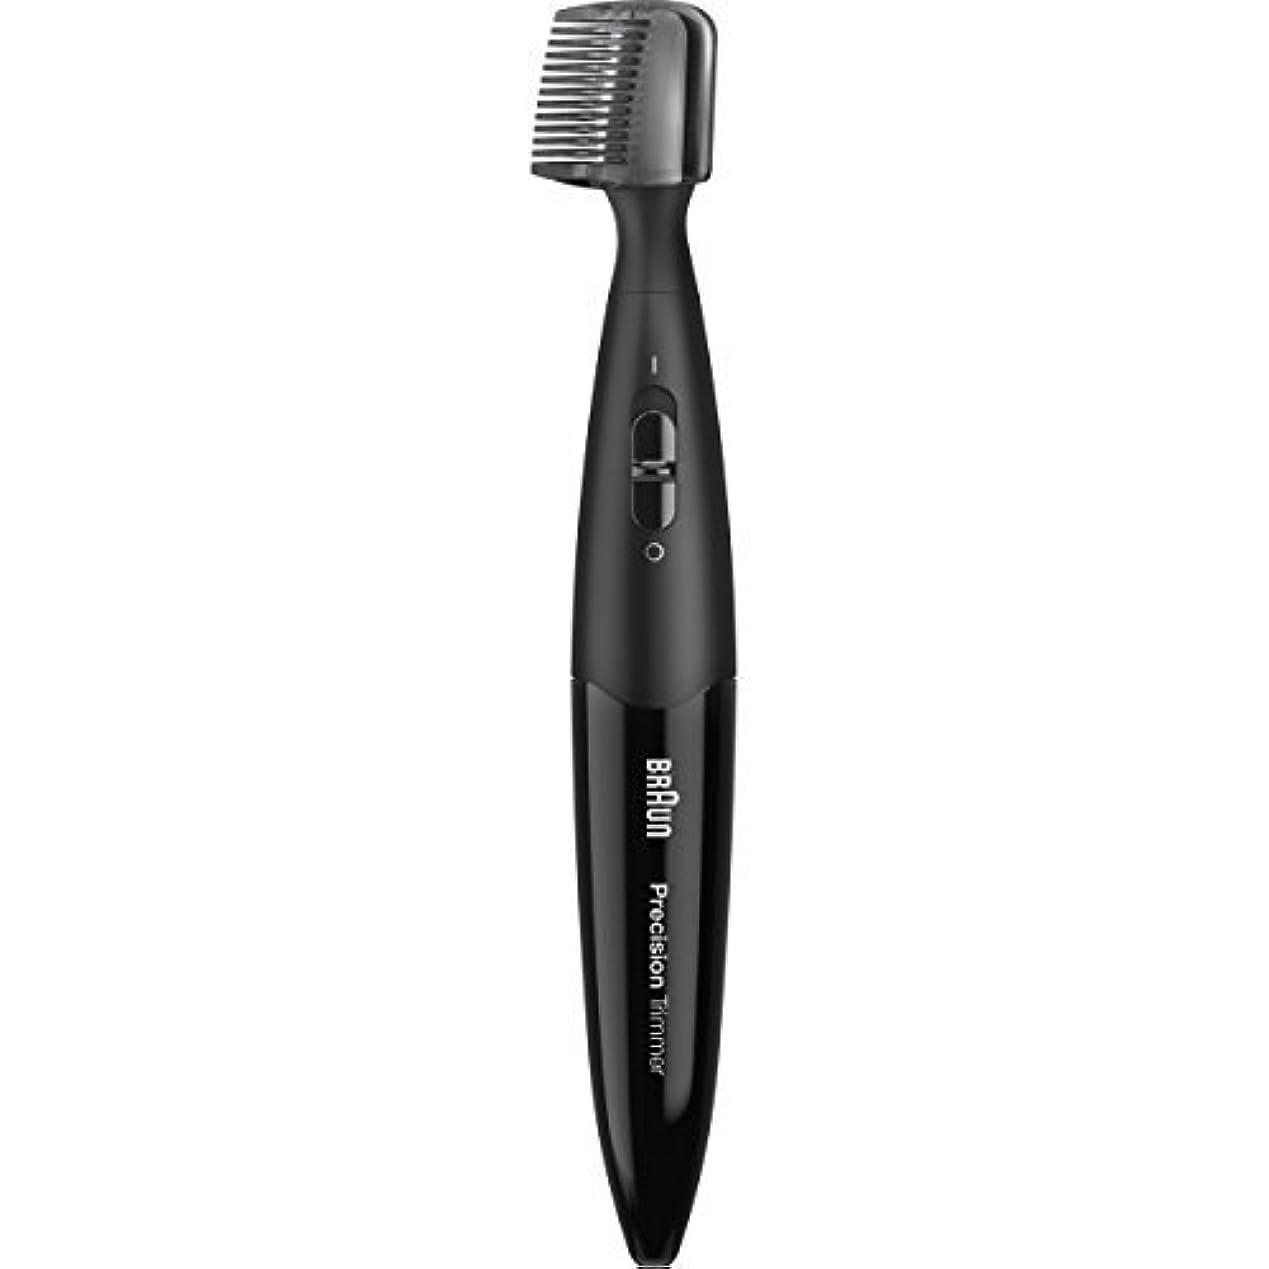 袋ランチ滑るBraun Precision Trimmer PT5010, Men's Precision Beard, Ear & Nose, Mustache detailer, styler [並行輸入品]